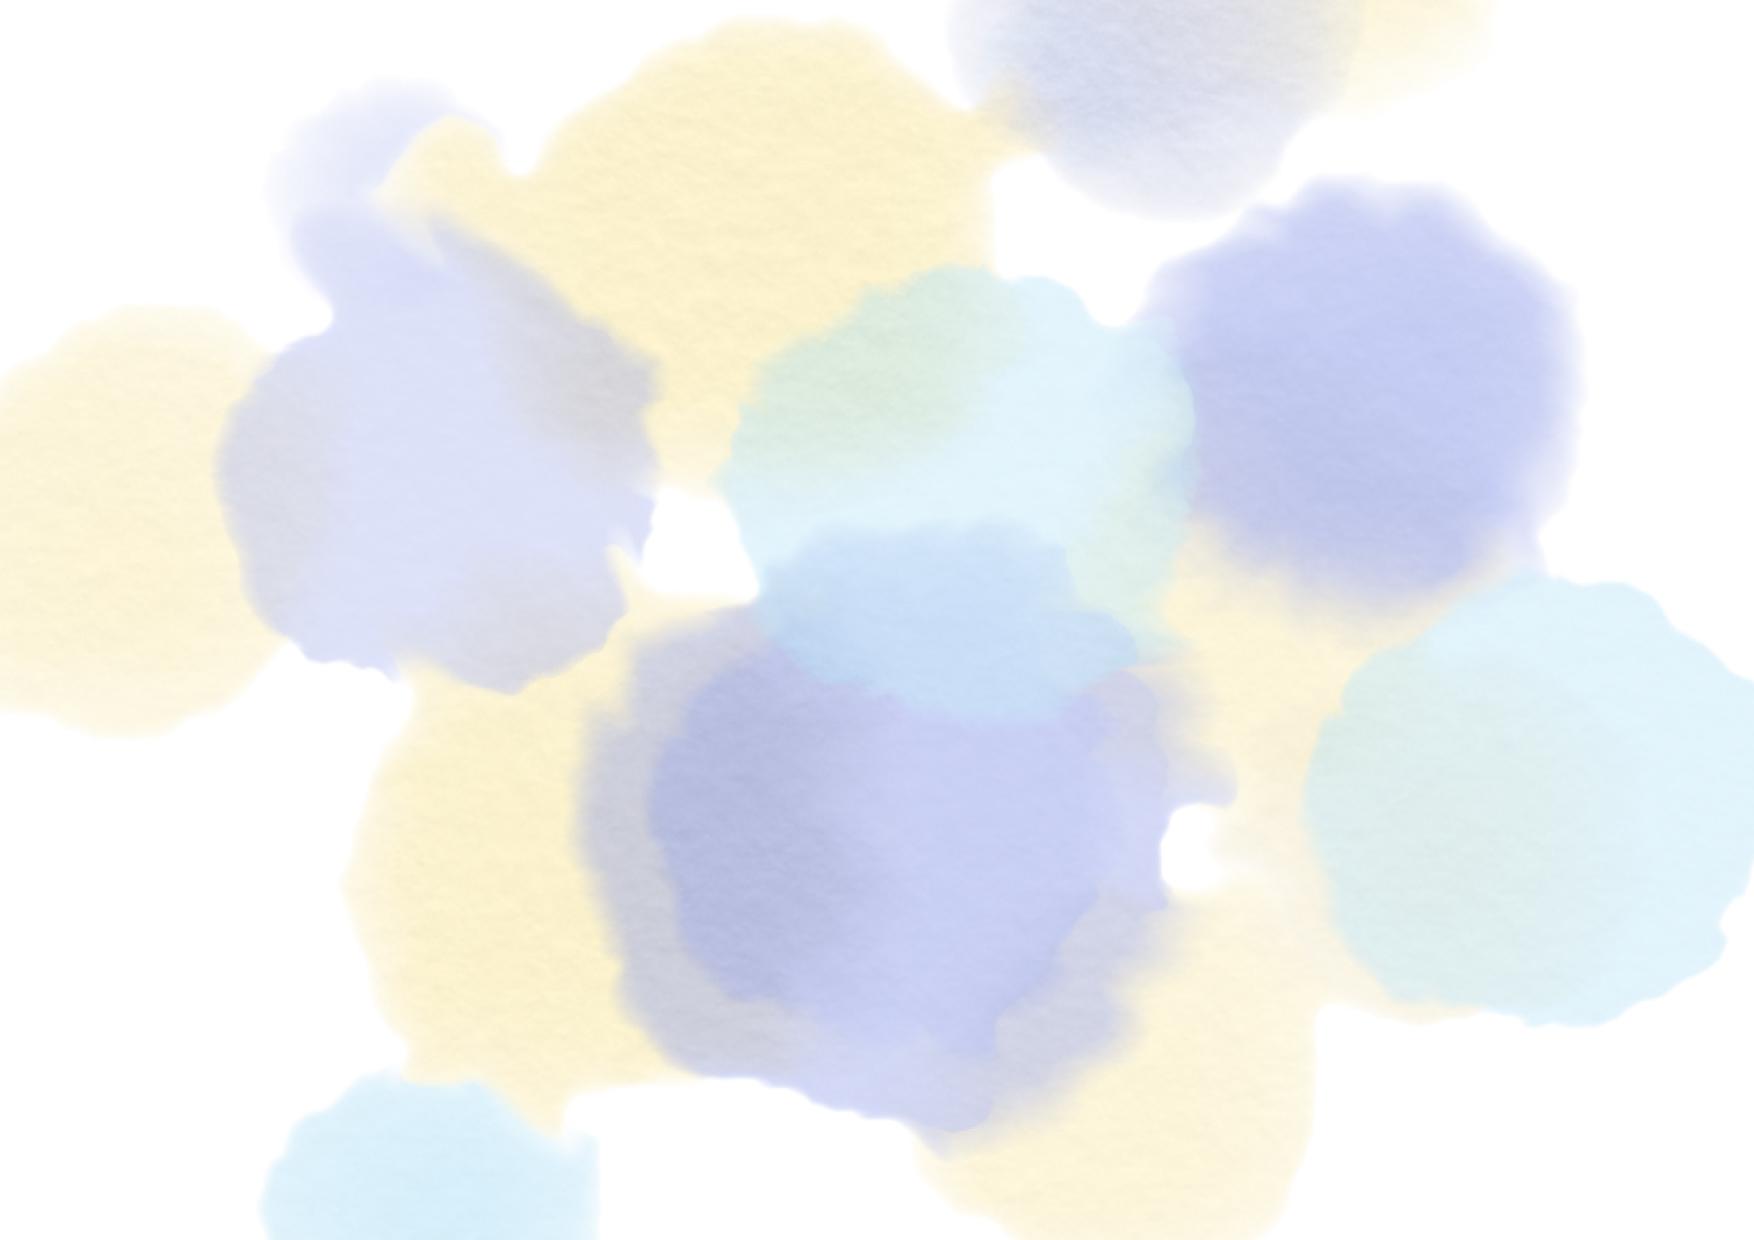 かわいい 背景 水彩 にじみ イラスト 無料 無料イラストのイラスト